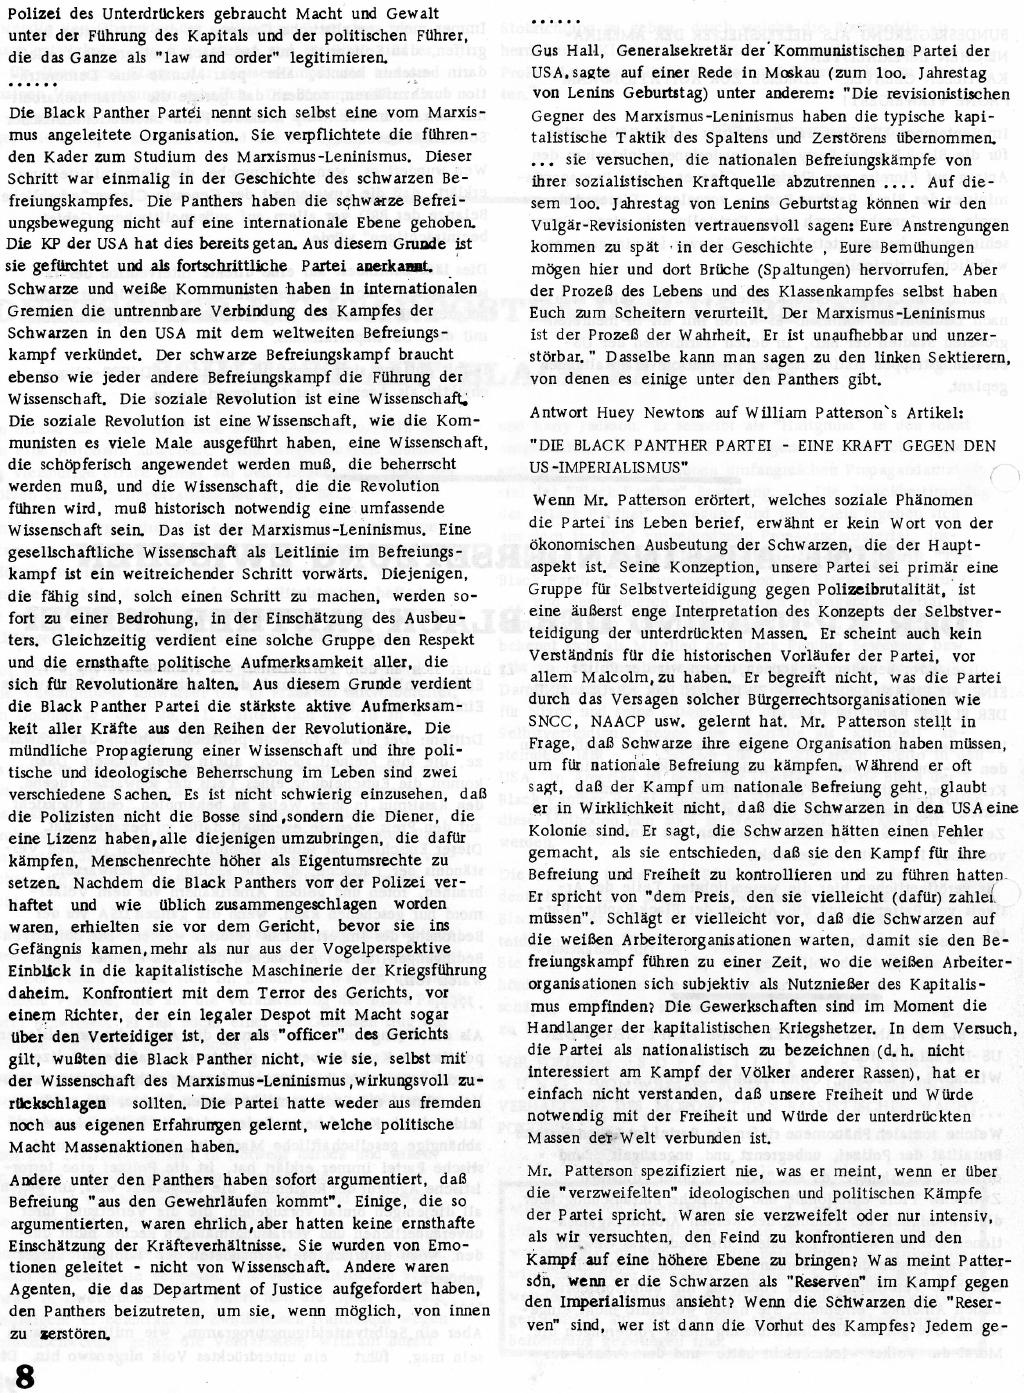 RPK_1970_092_08